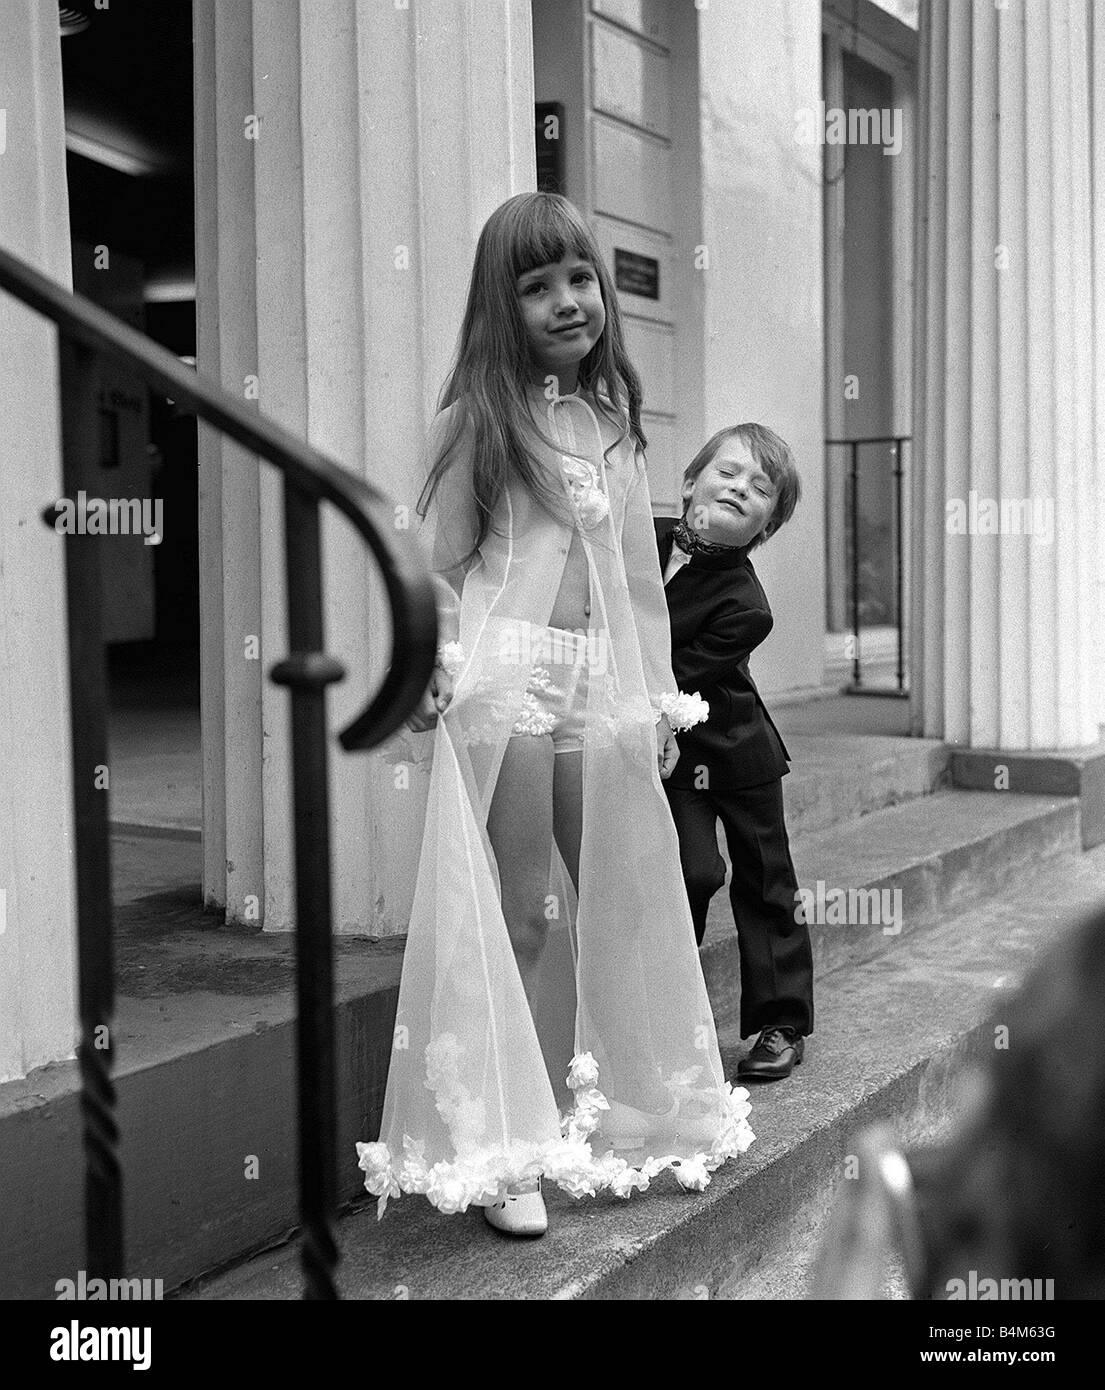 Ziemlich 1960 Parteikleider Bilder - Brautkleider Ideen - cashingy.info